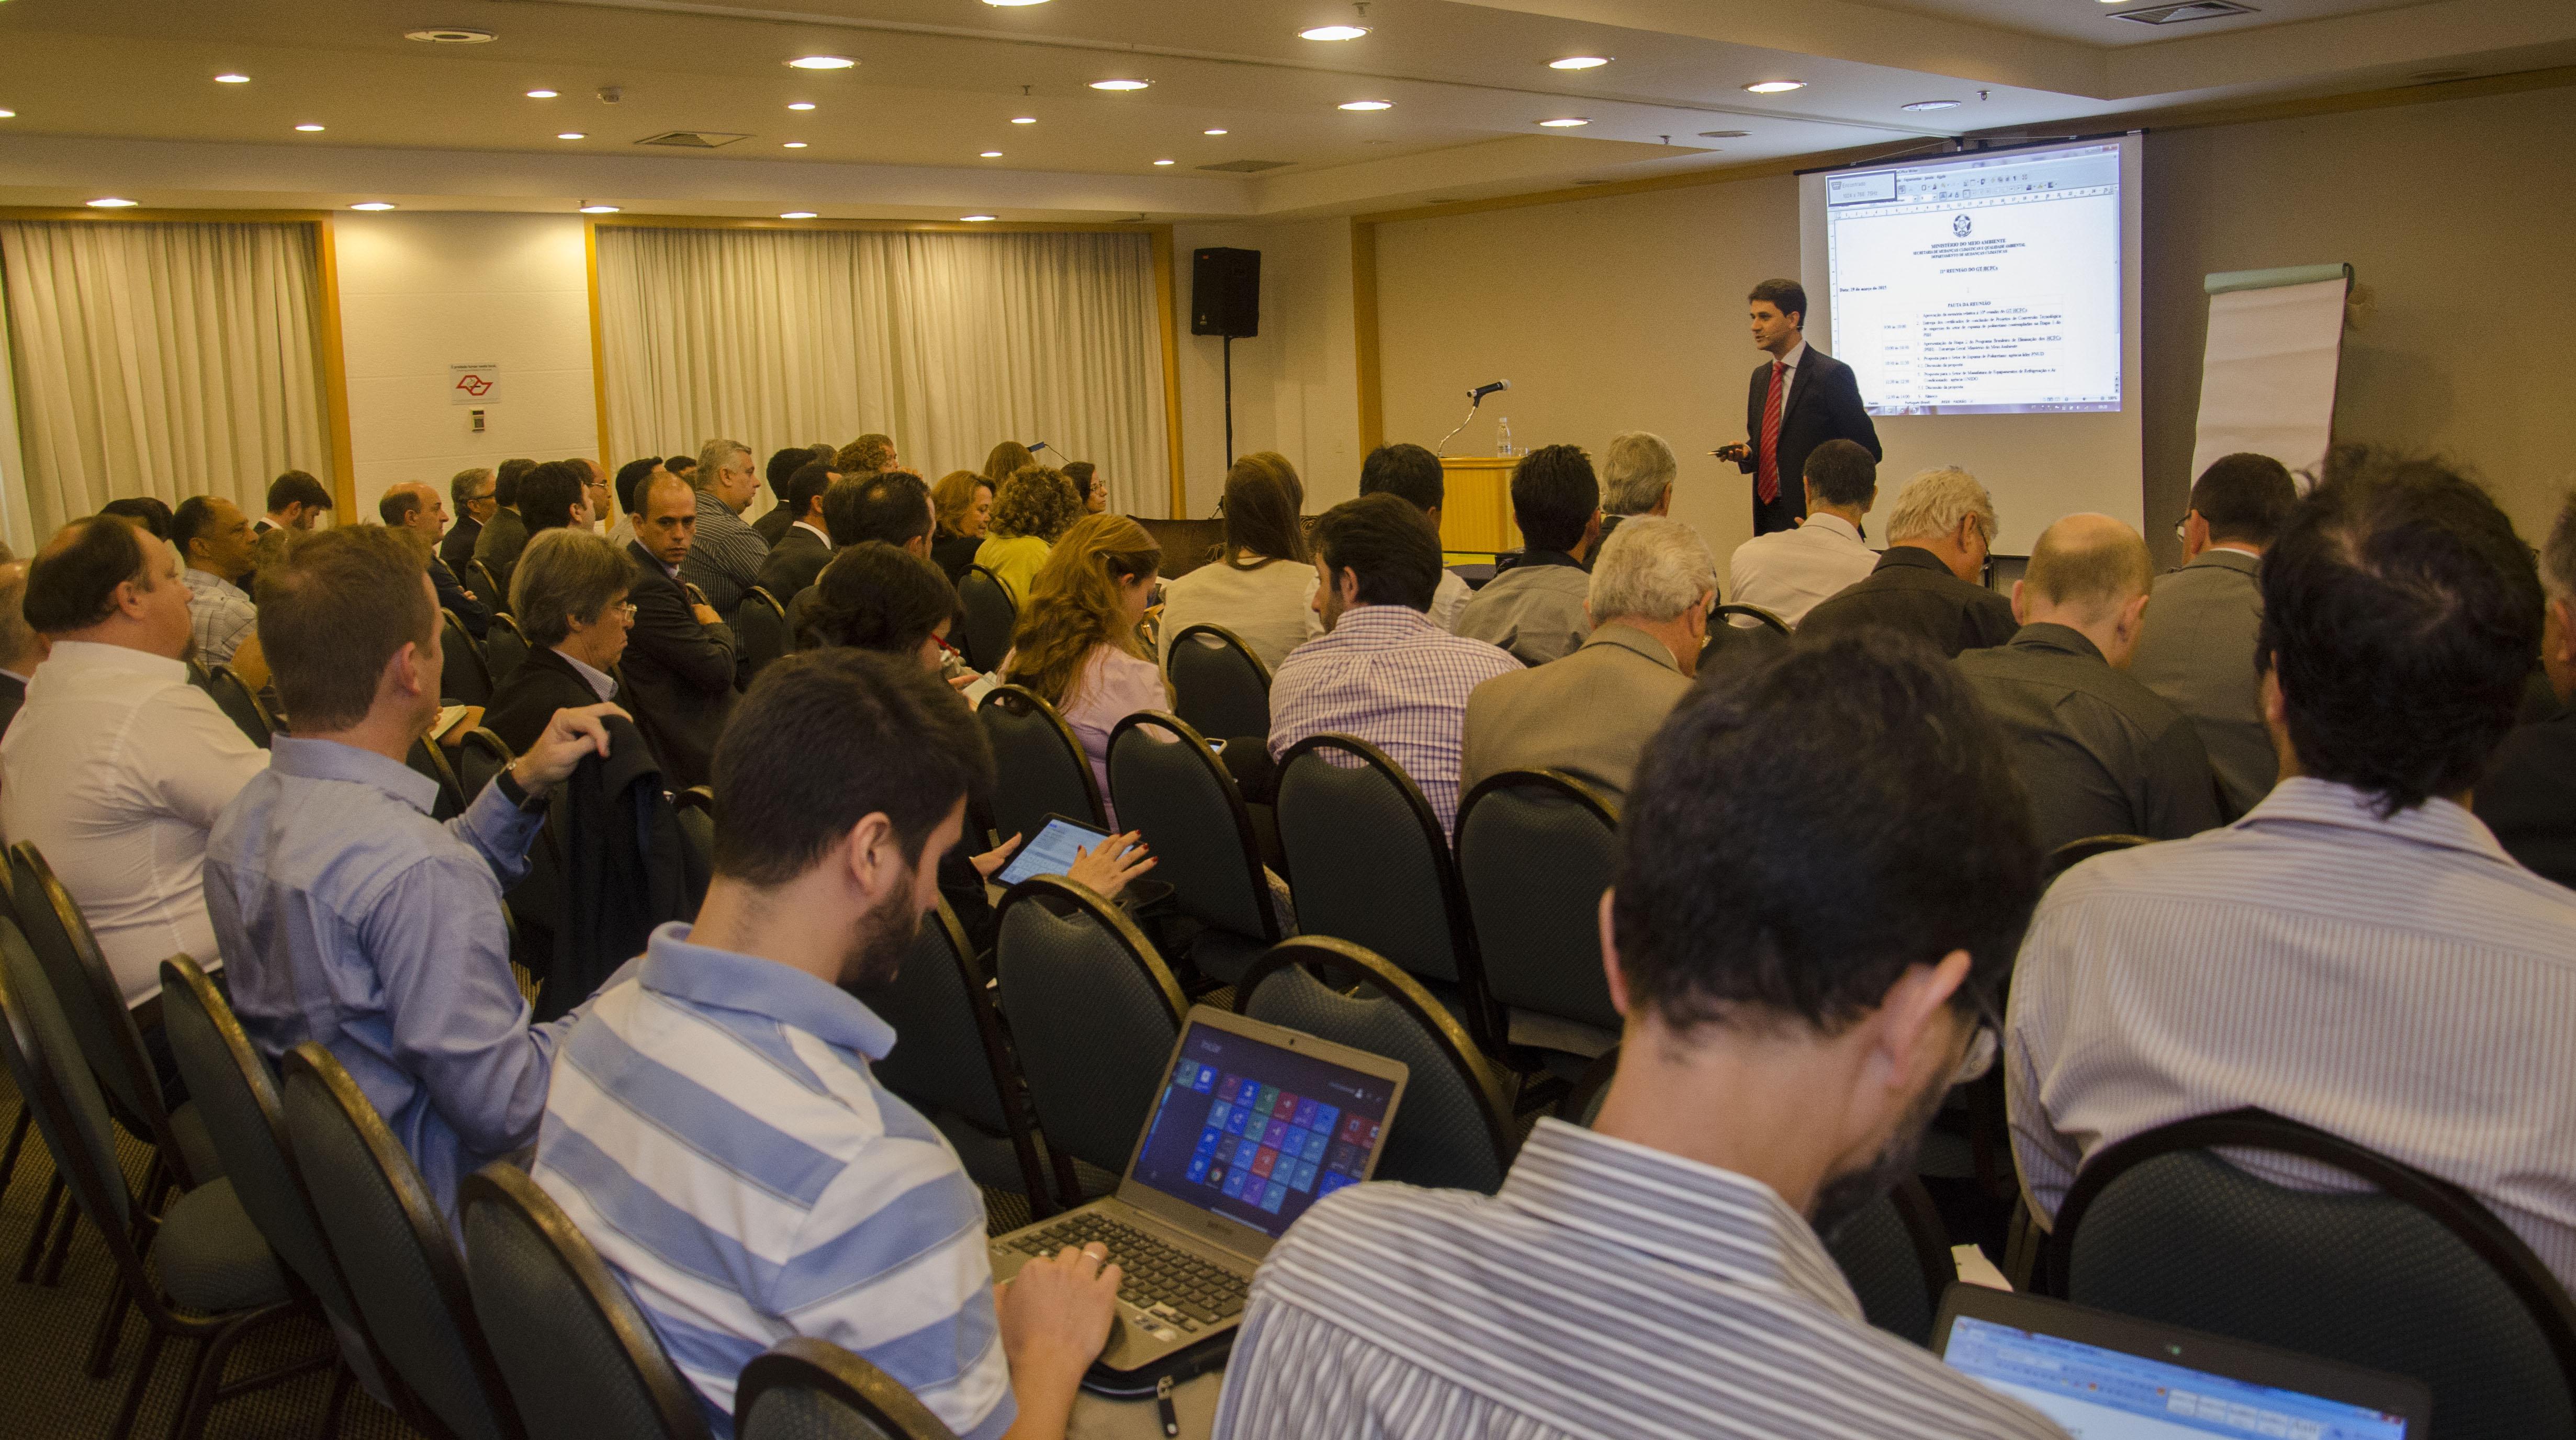 GT HCFC se reuniu em São Paulo para debater novas ações de eliminação dos HCFCs